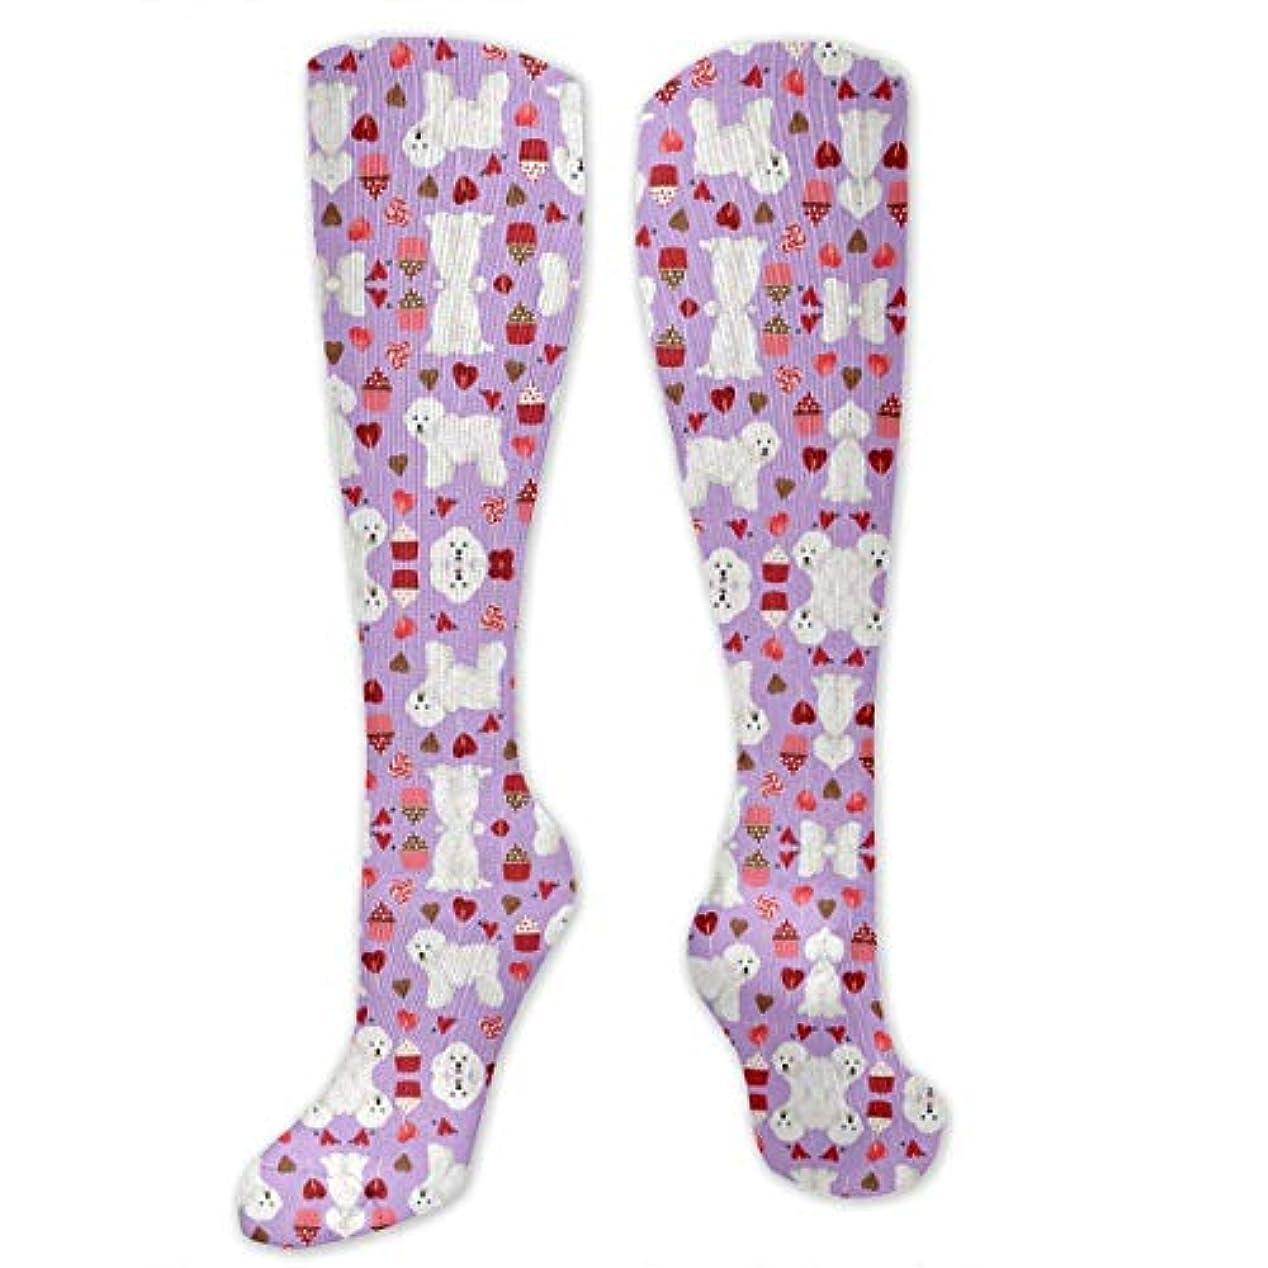 申込み玉ねぎバスタブ靴下,ストッキング,野生のジョーカー,実際,秋の本質,冬必須,サマーウェア&RBXAA Bichon Frise Valentines Day Socks Women's Winter Cotton Long Tube...